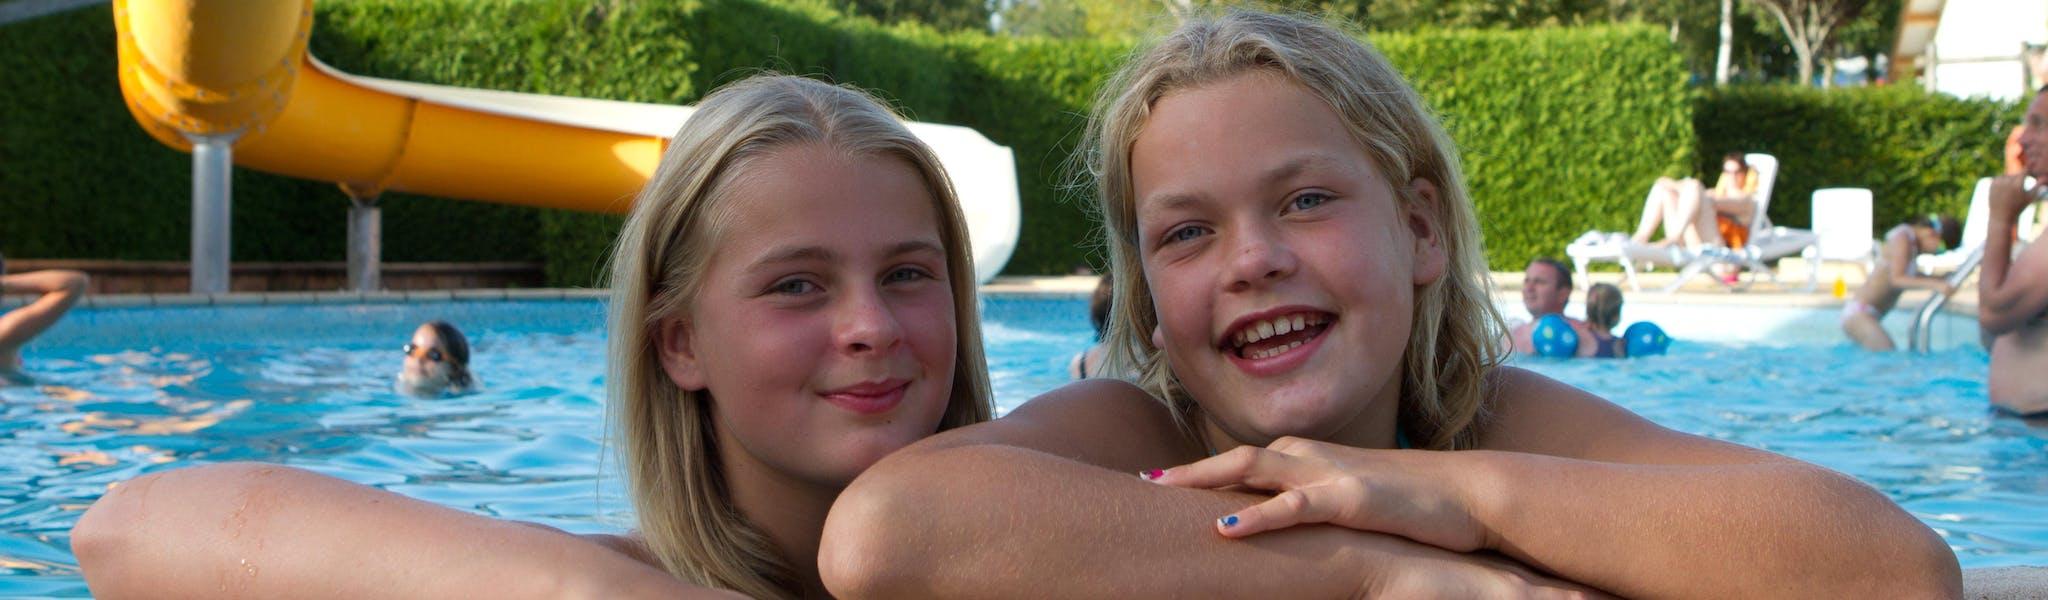 Meiden in zwembad camping Beauregard